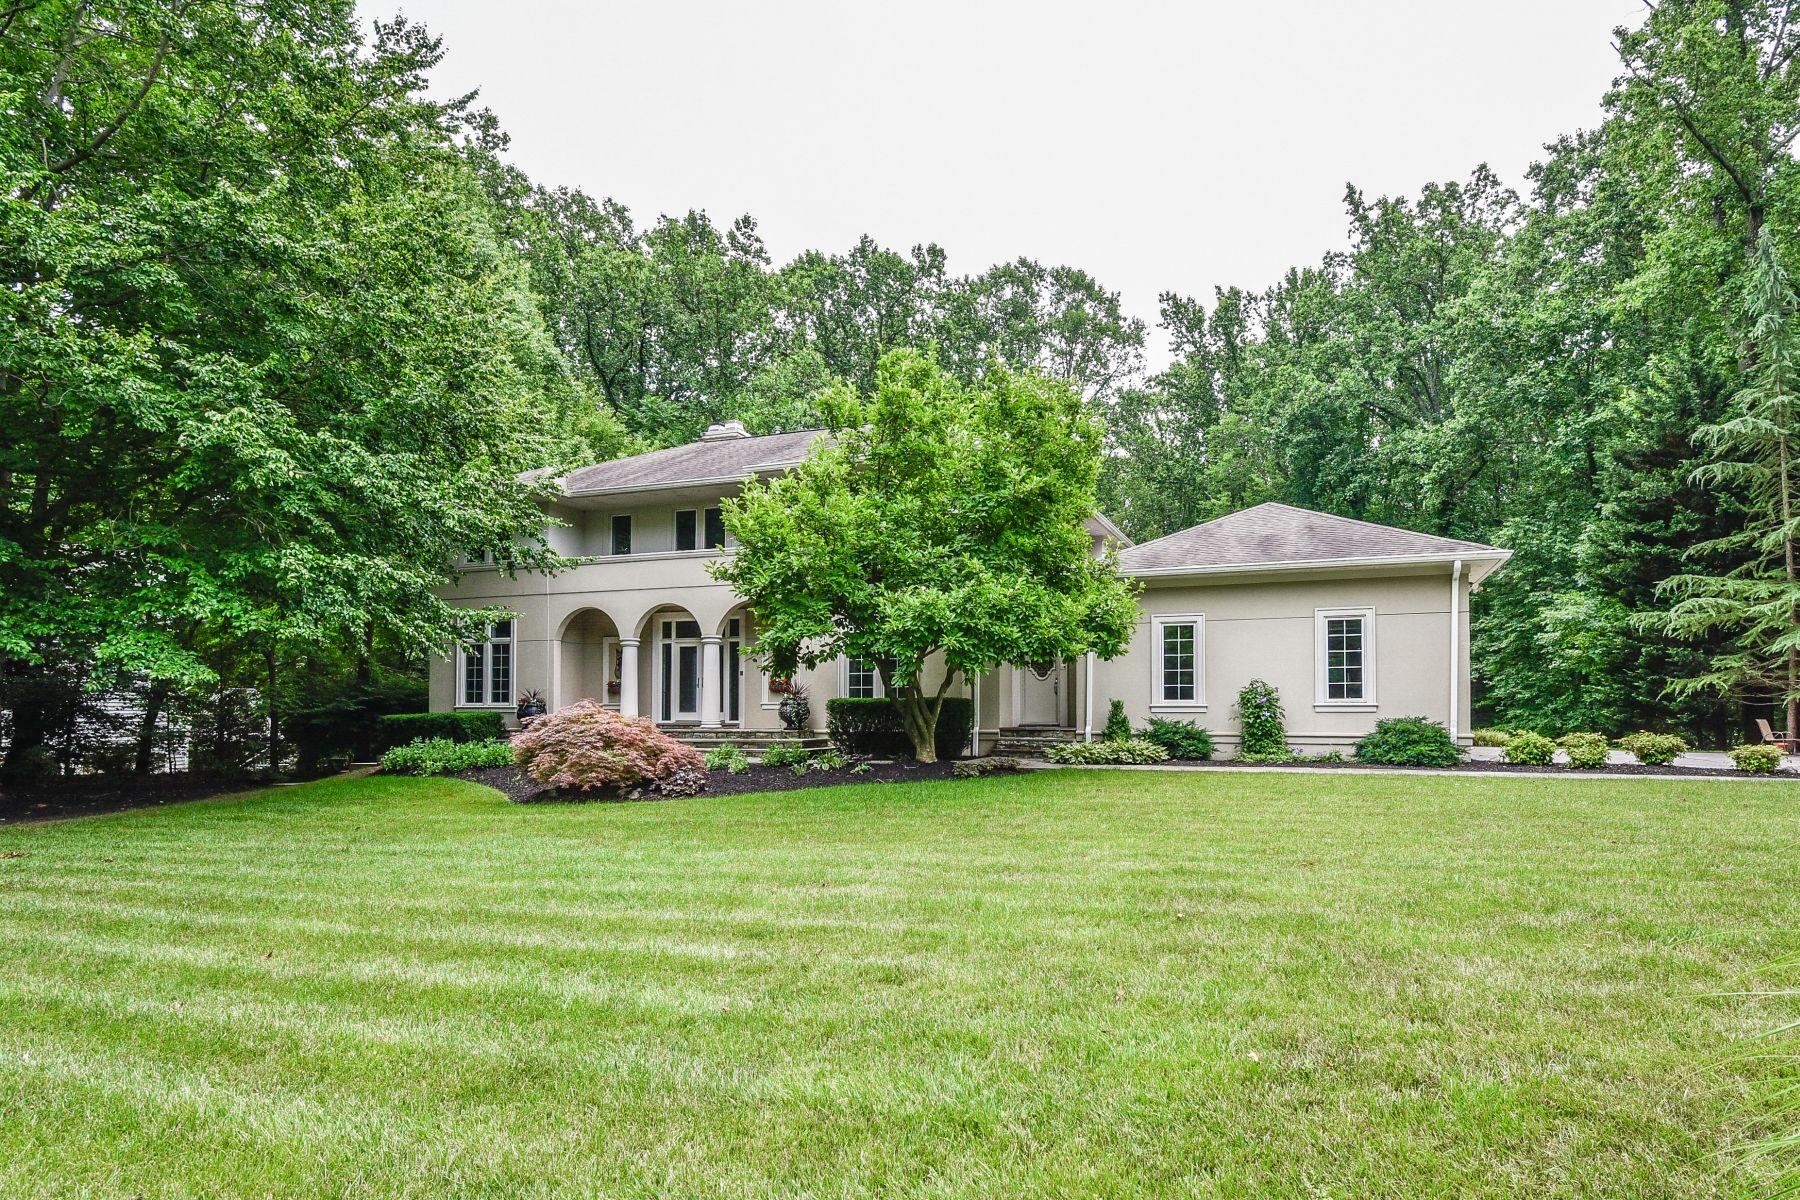 Casa Unifamiliar por un Venta en 230 Meadowgate Drive, Annapolis Annapolis, Maryland, 21409 Estados Unidos